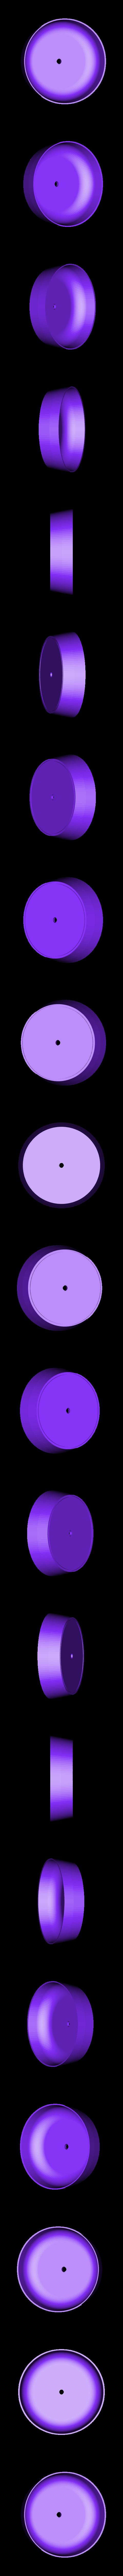 Spinner03.STL Télécharger fichier STL gratuit Accessoires pour le Hobbyking (Piccole Ali) Macchi C.205 Veltro ARF • Modèle pour impression 3D, tahustvedt